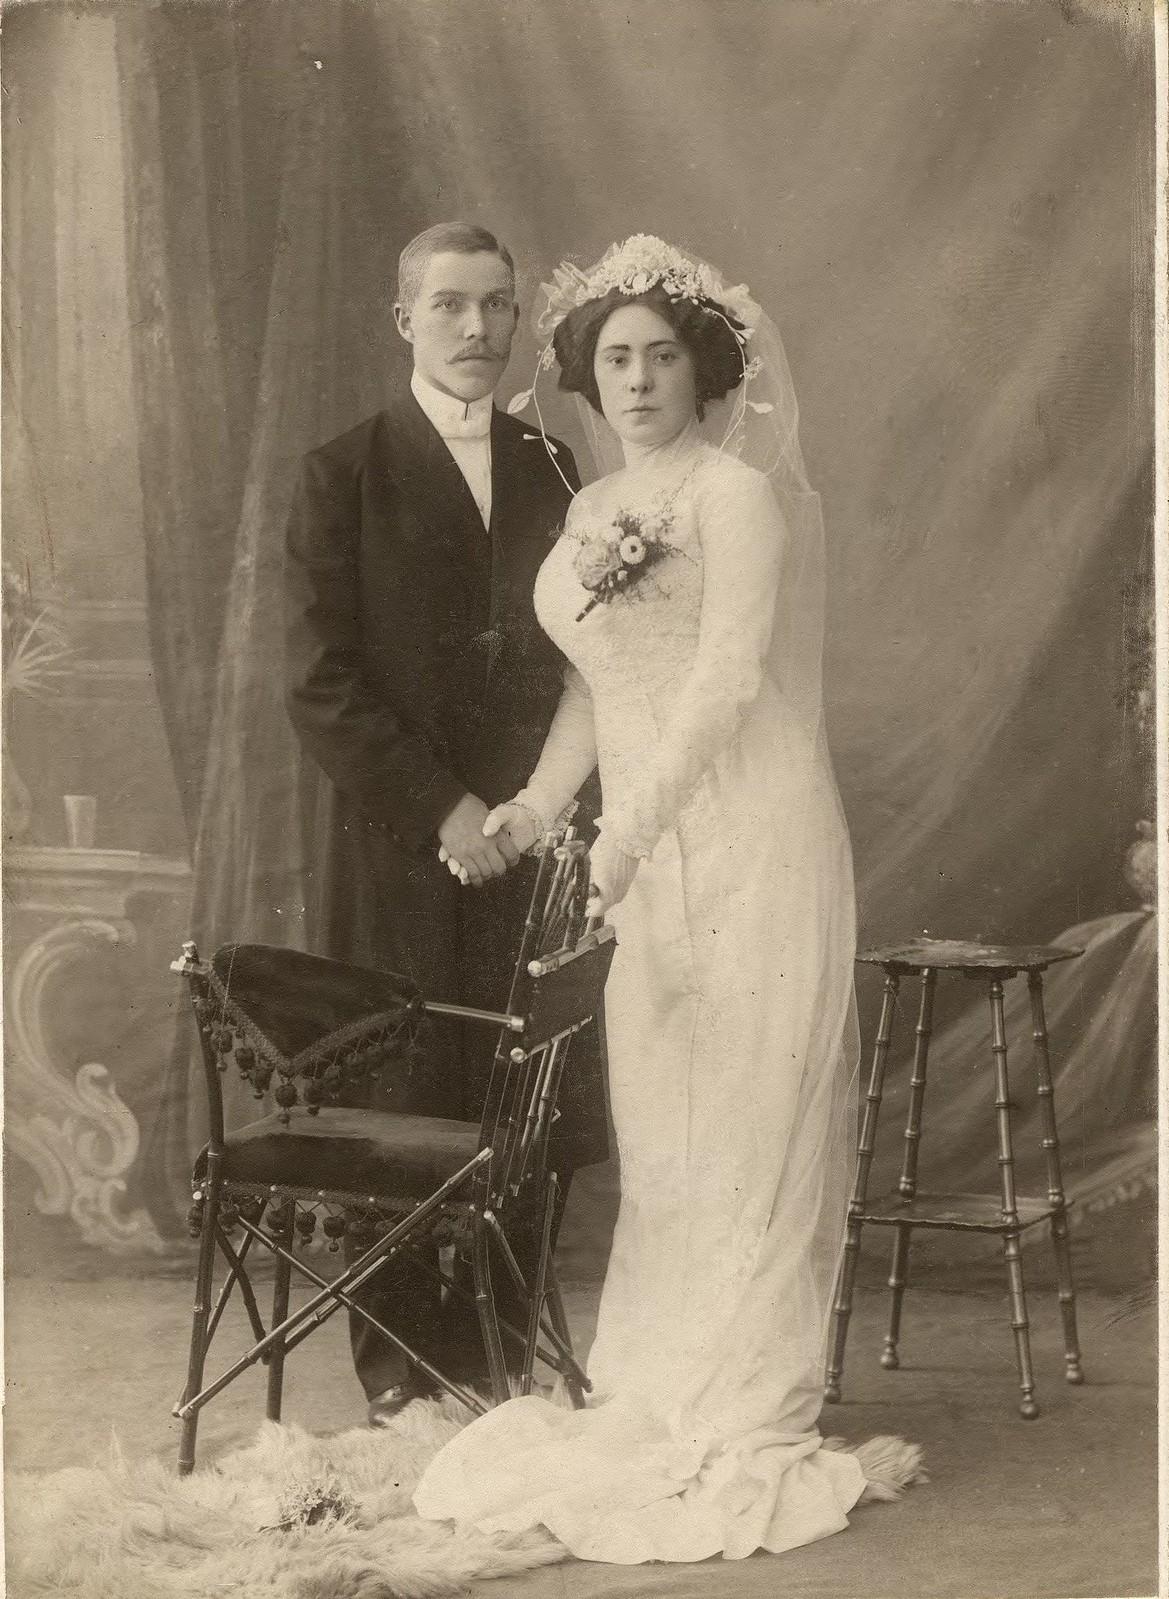 1910. Супружеская пара преподавателей Книжник в свадебных нарядах